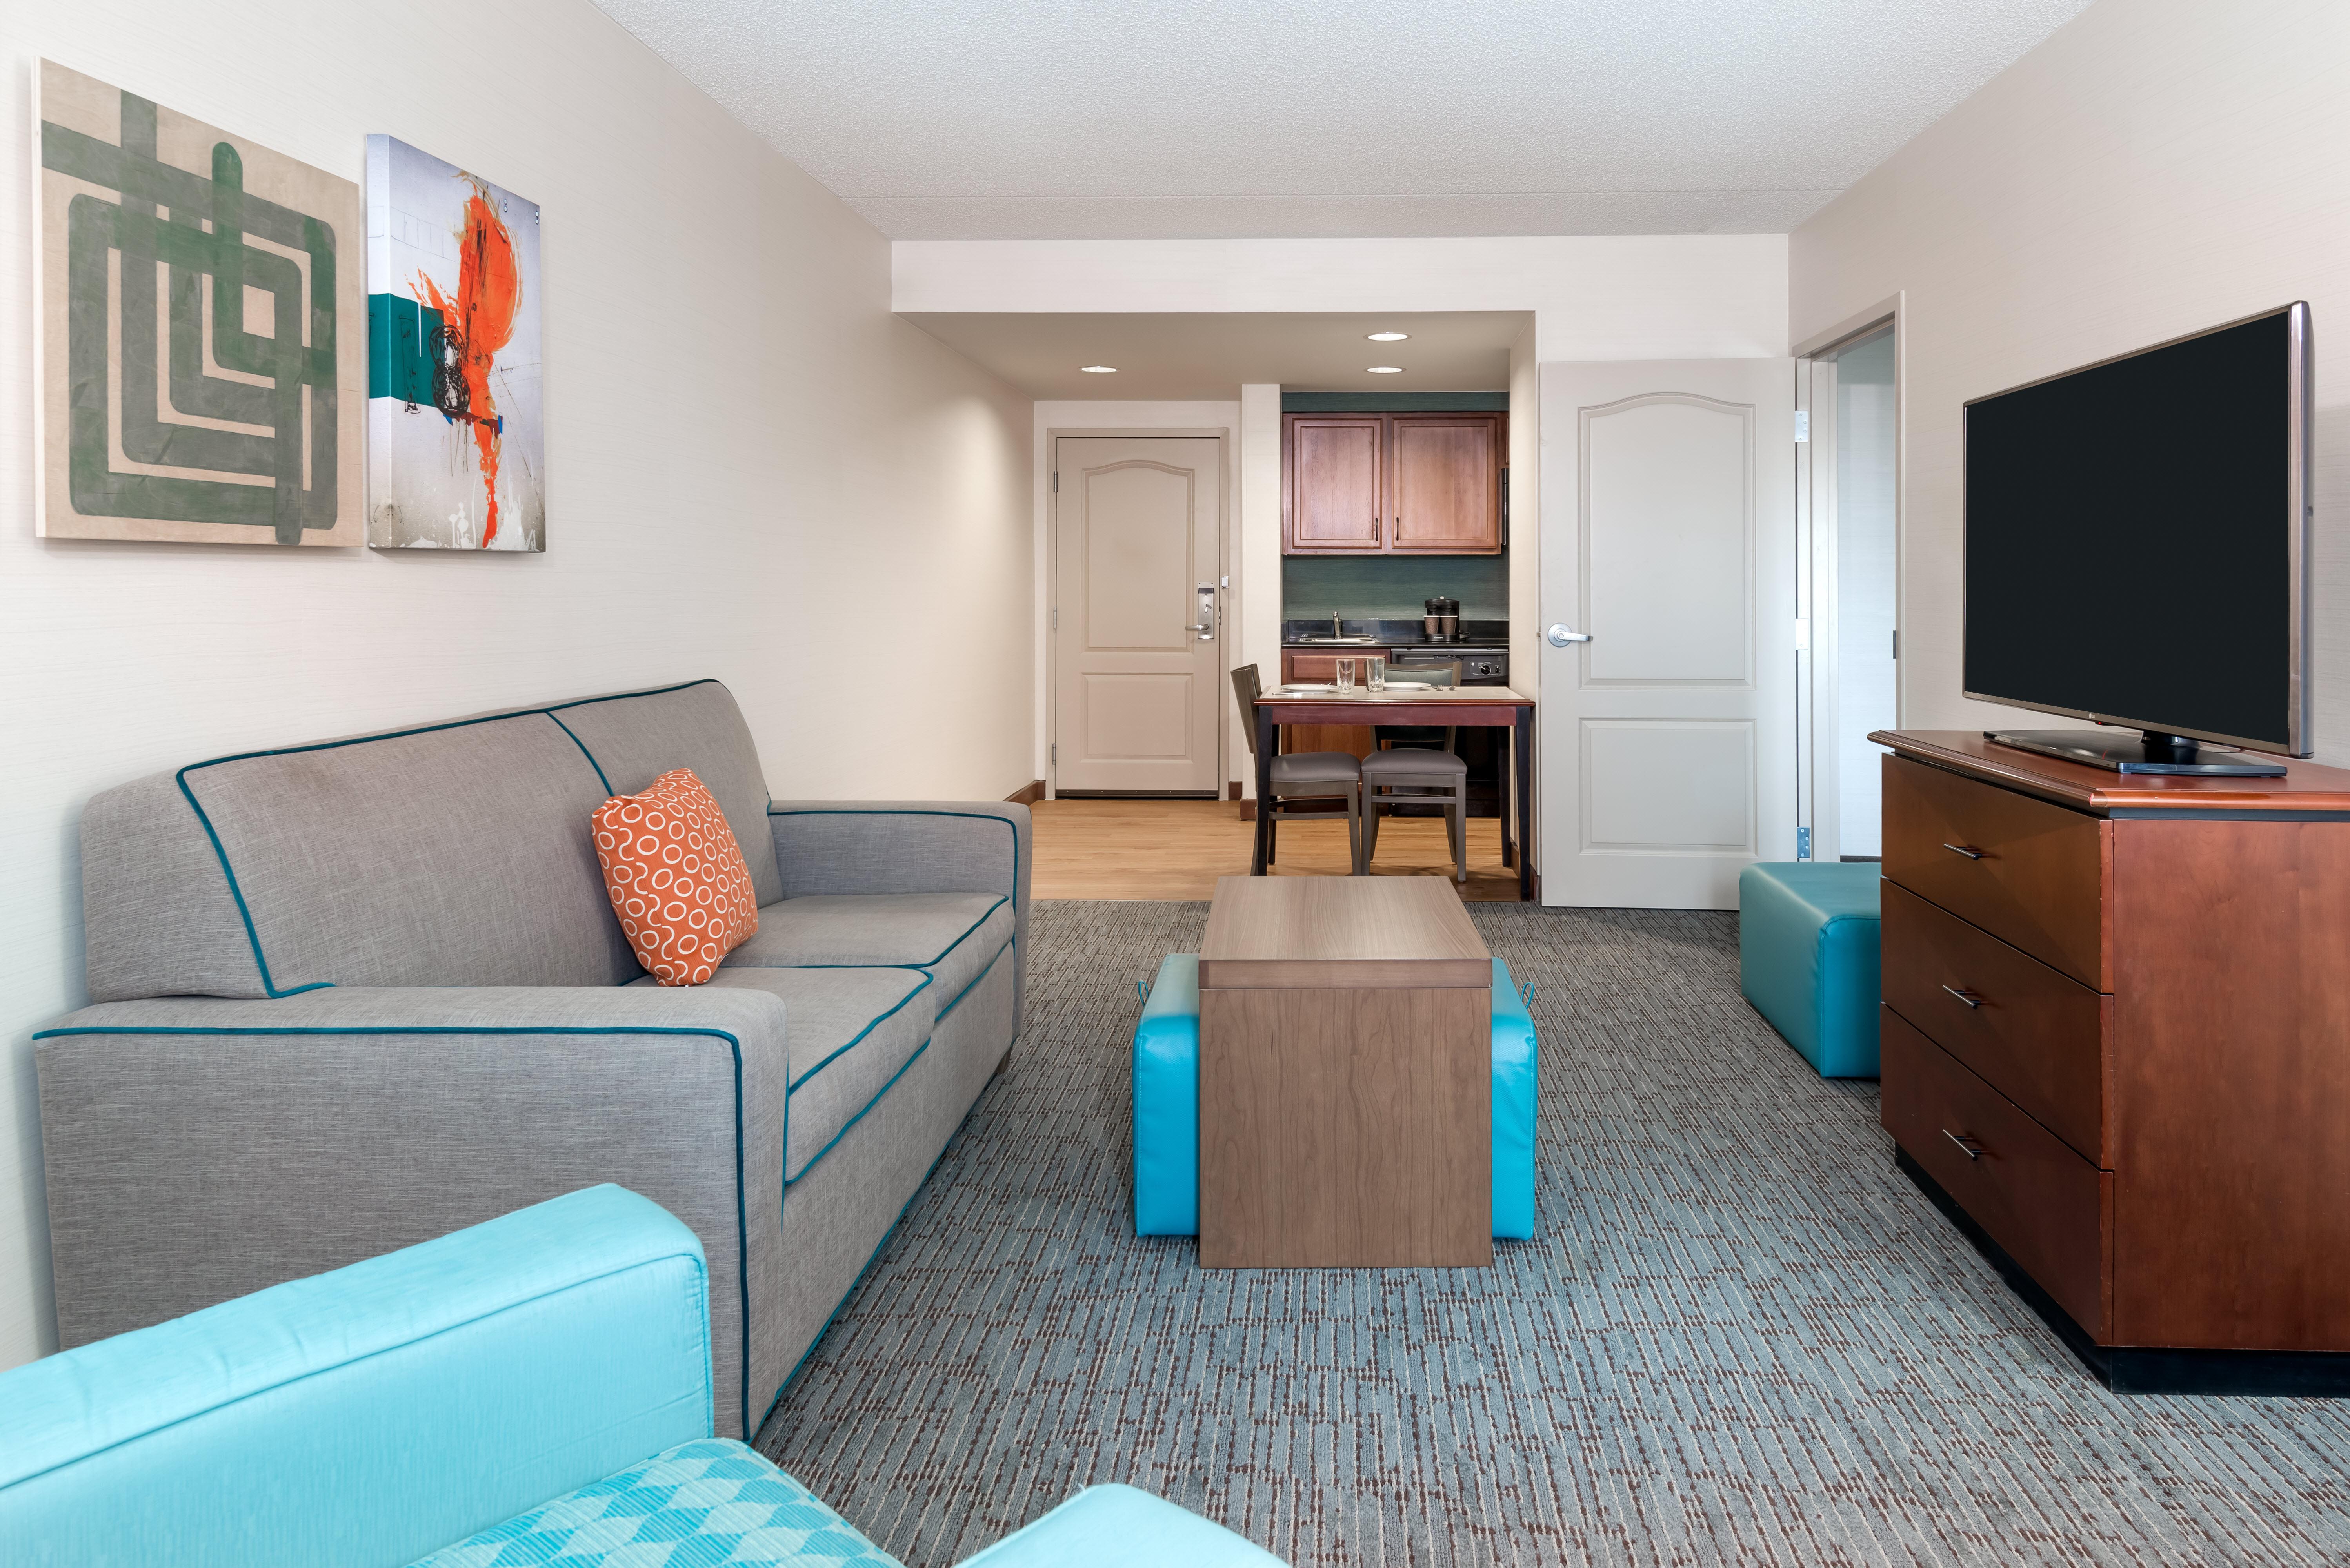 Homewood Suites by Hilton Cleveland-Beachwood image 4